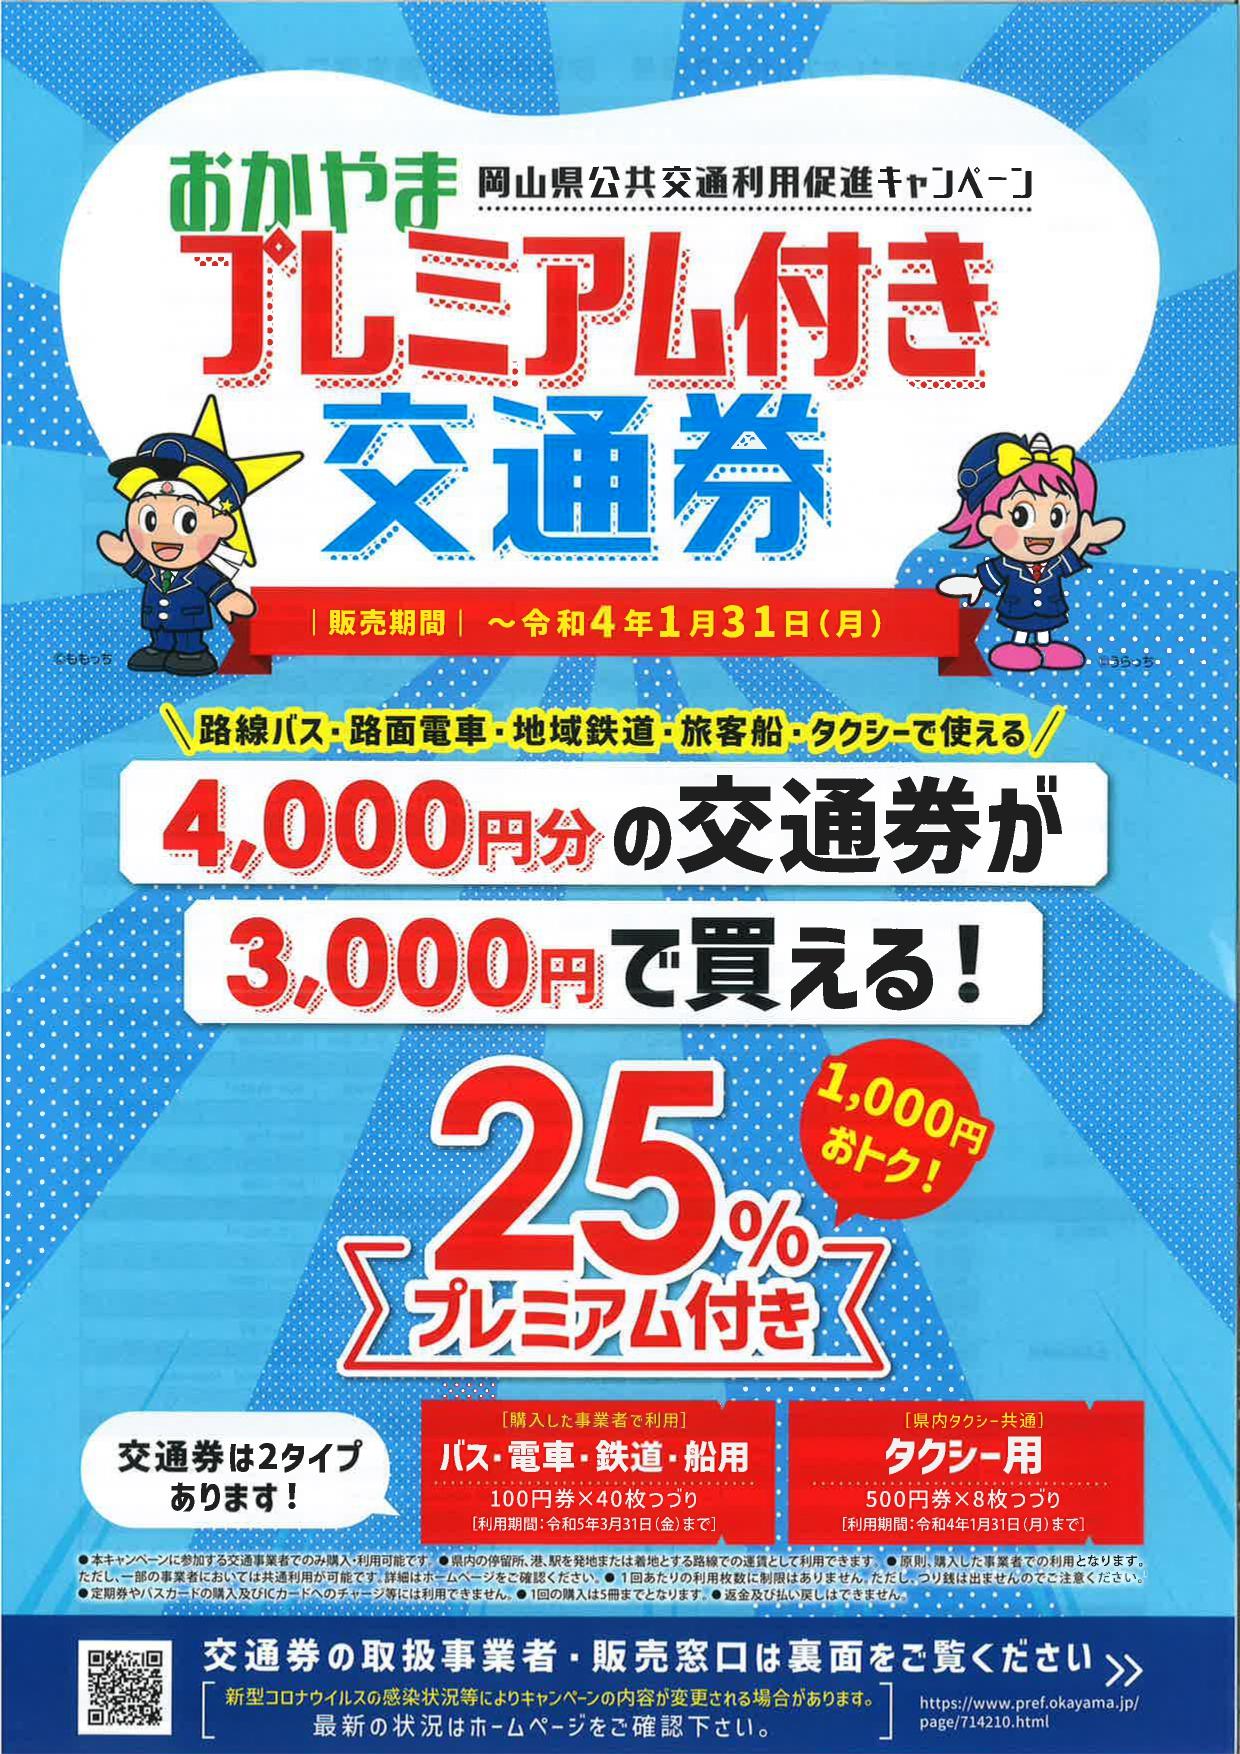 【販売再開】岡山県期間限定タクシープレミアム付き交通券